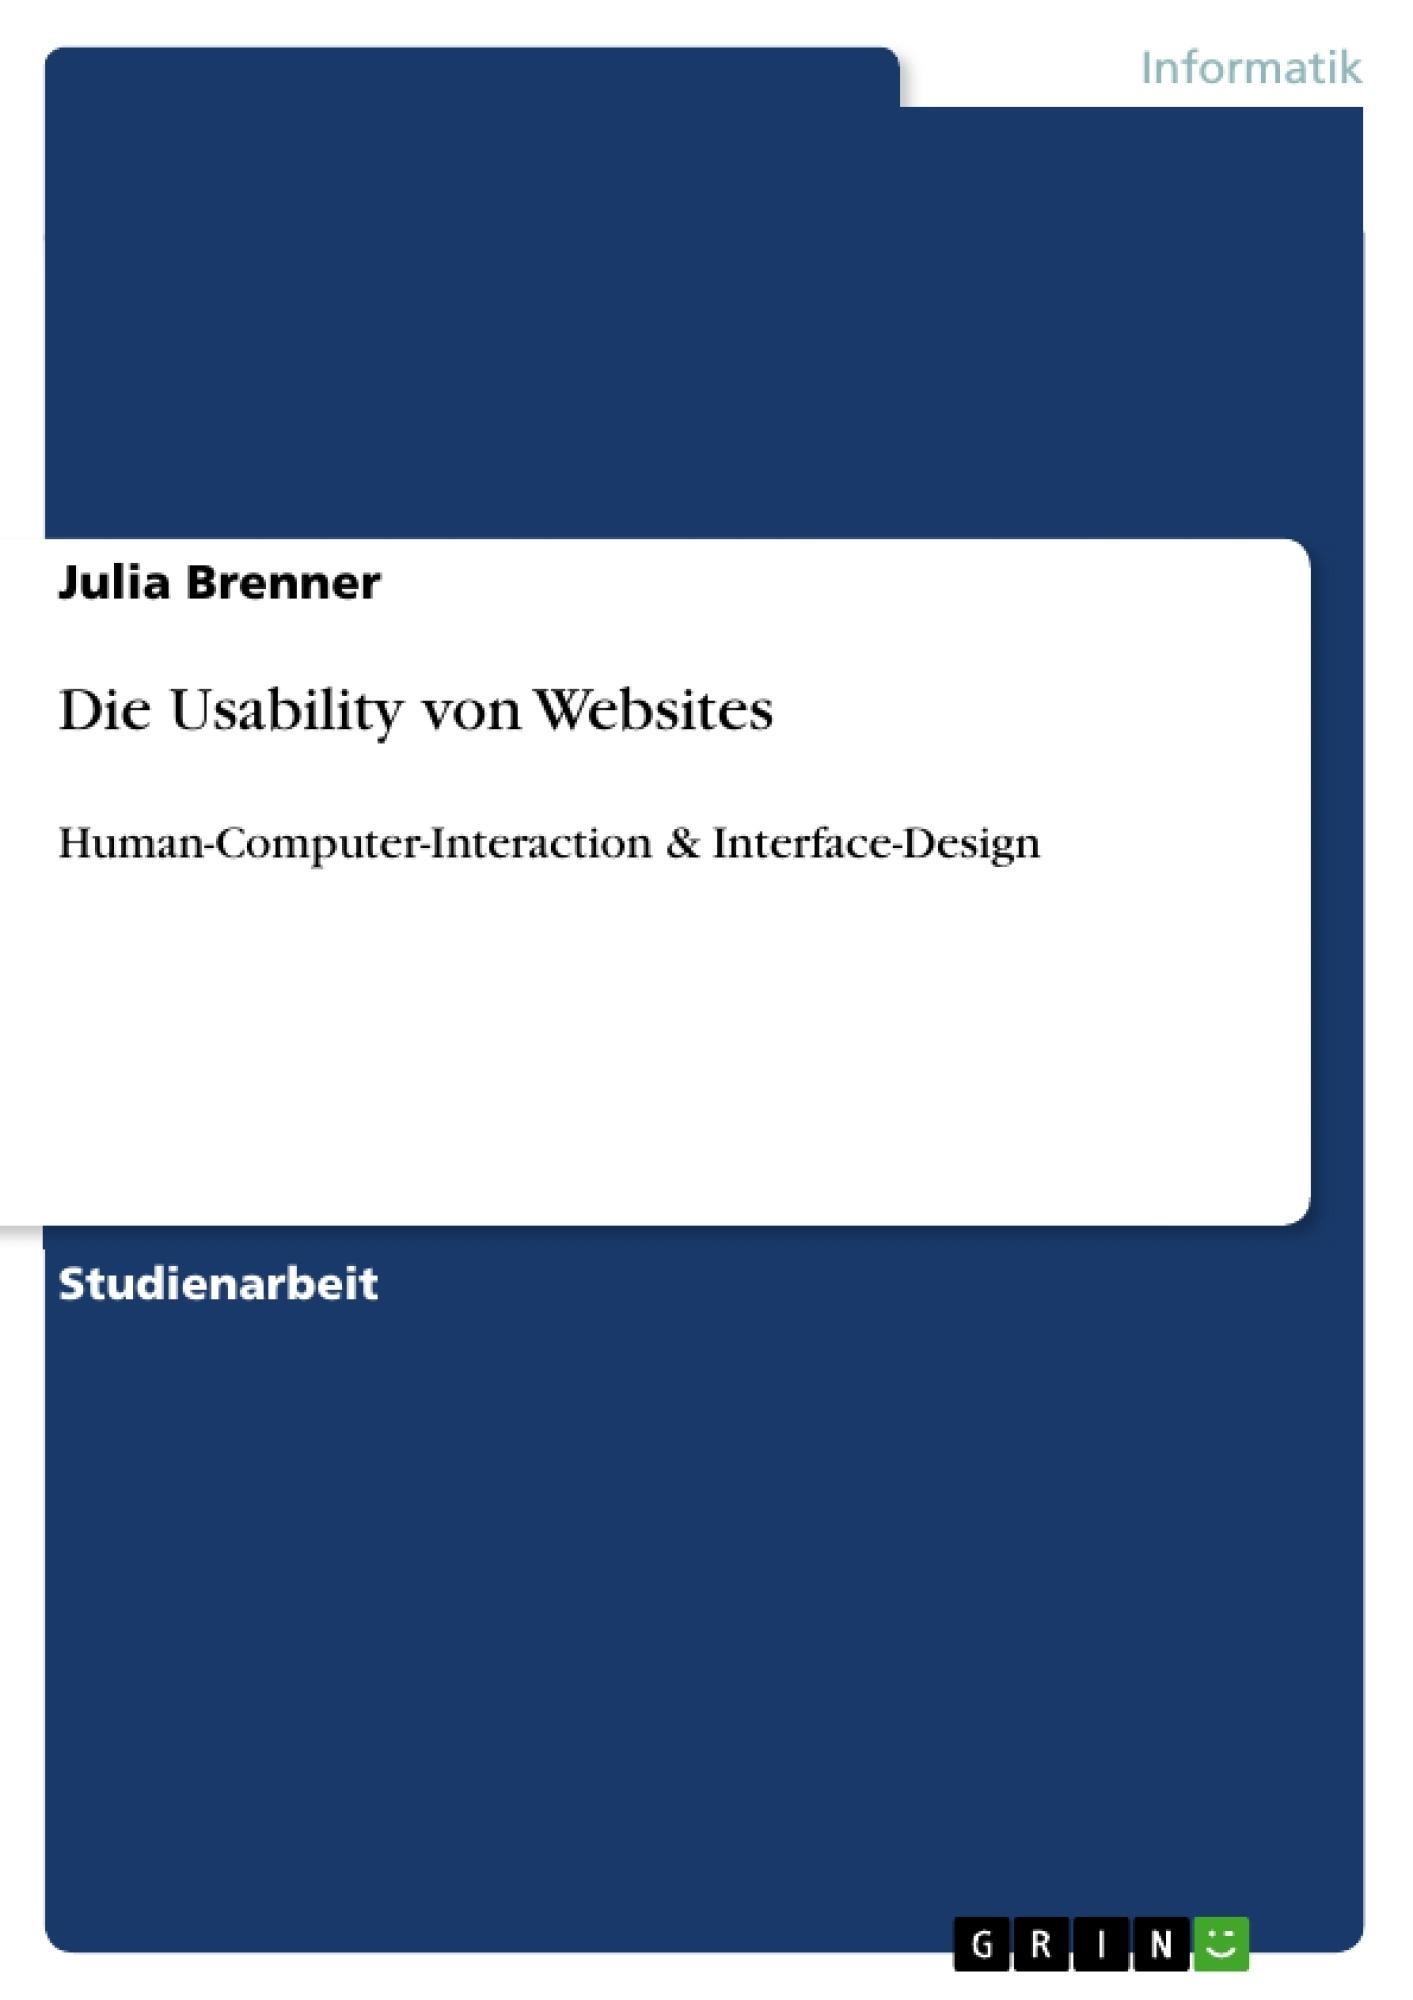 Titel: Die Usability von Websites